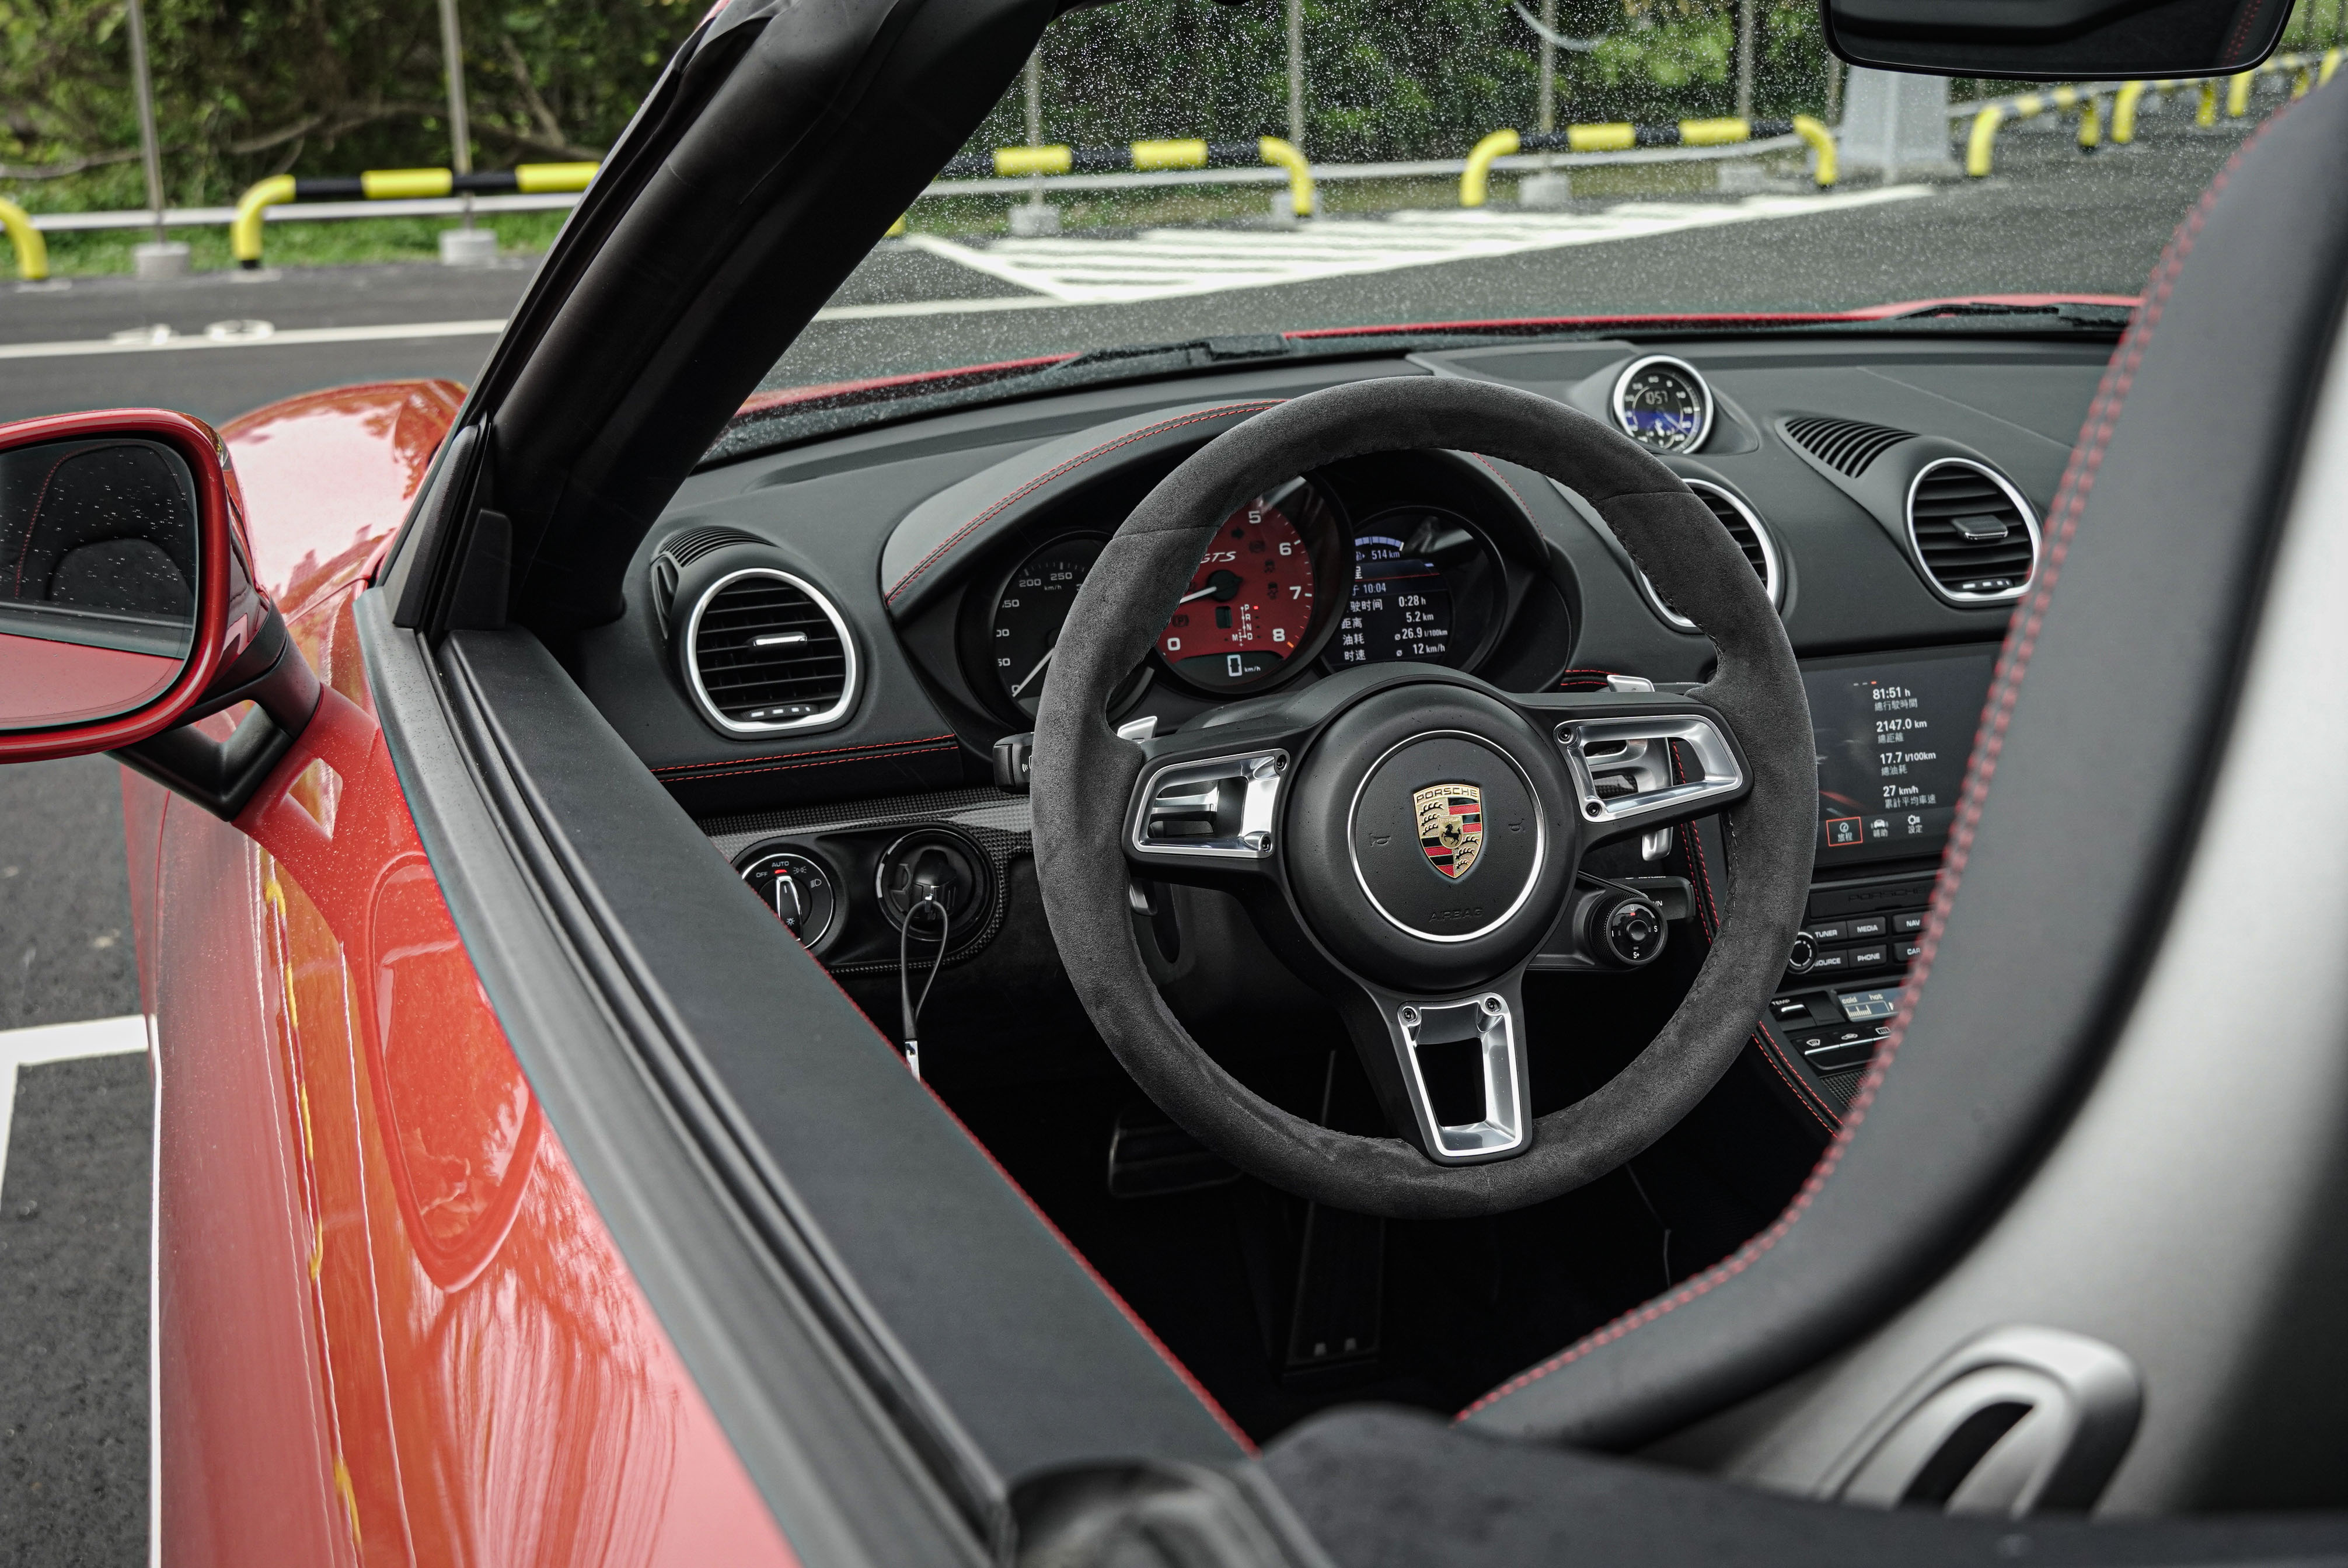 GT 跑車式方向盤盤徑恰到好處,握把粗細度也非常就手,麂皮包覆觸感更是加分。